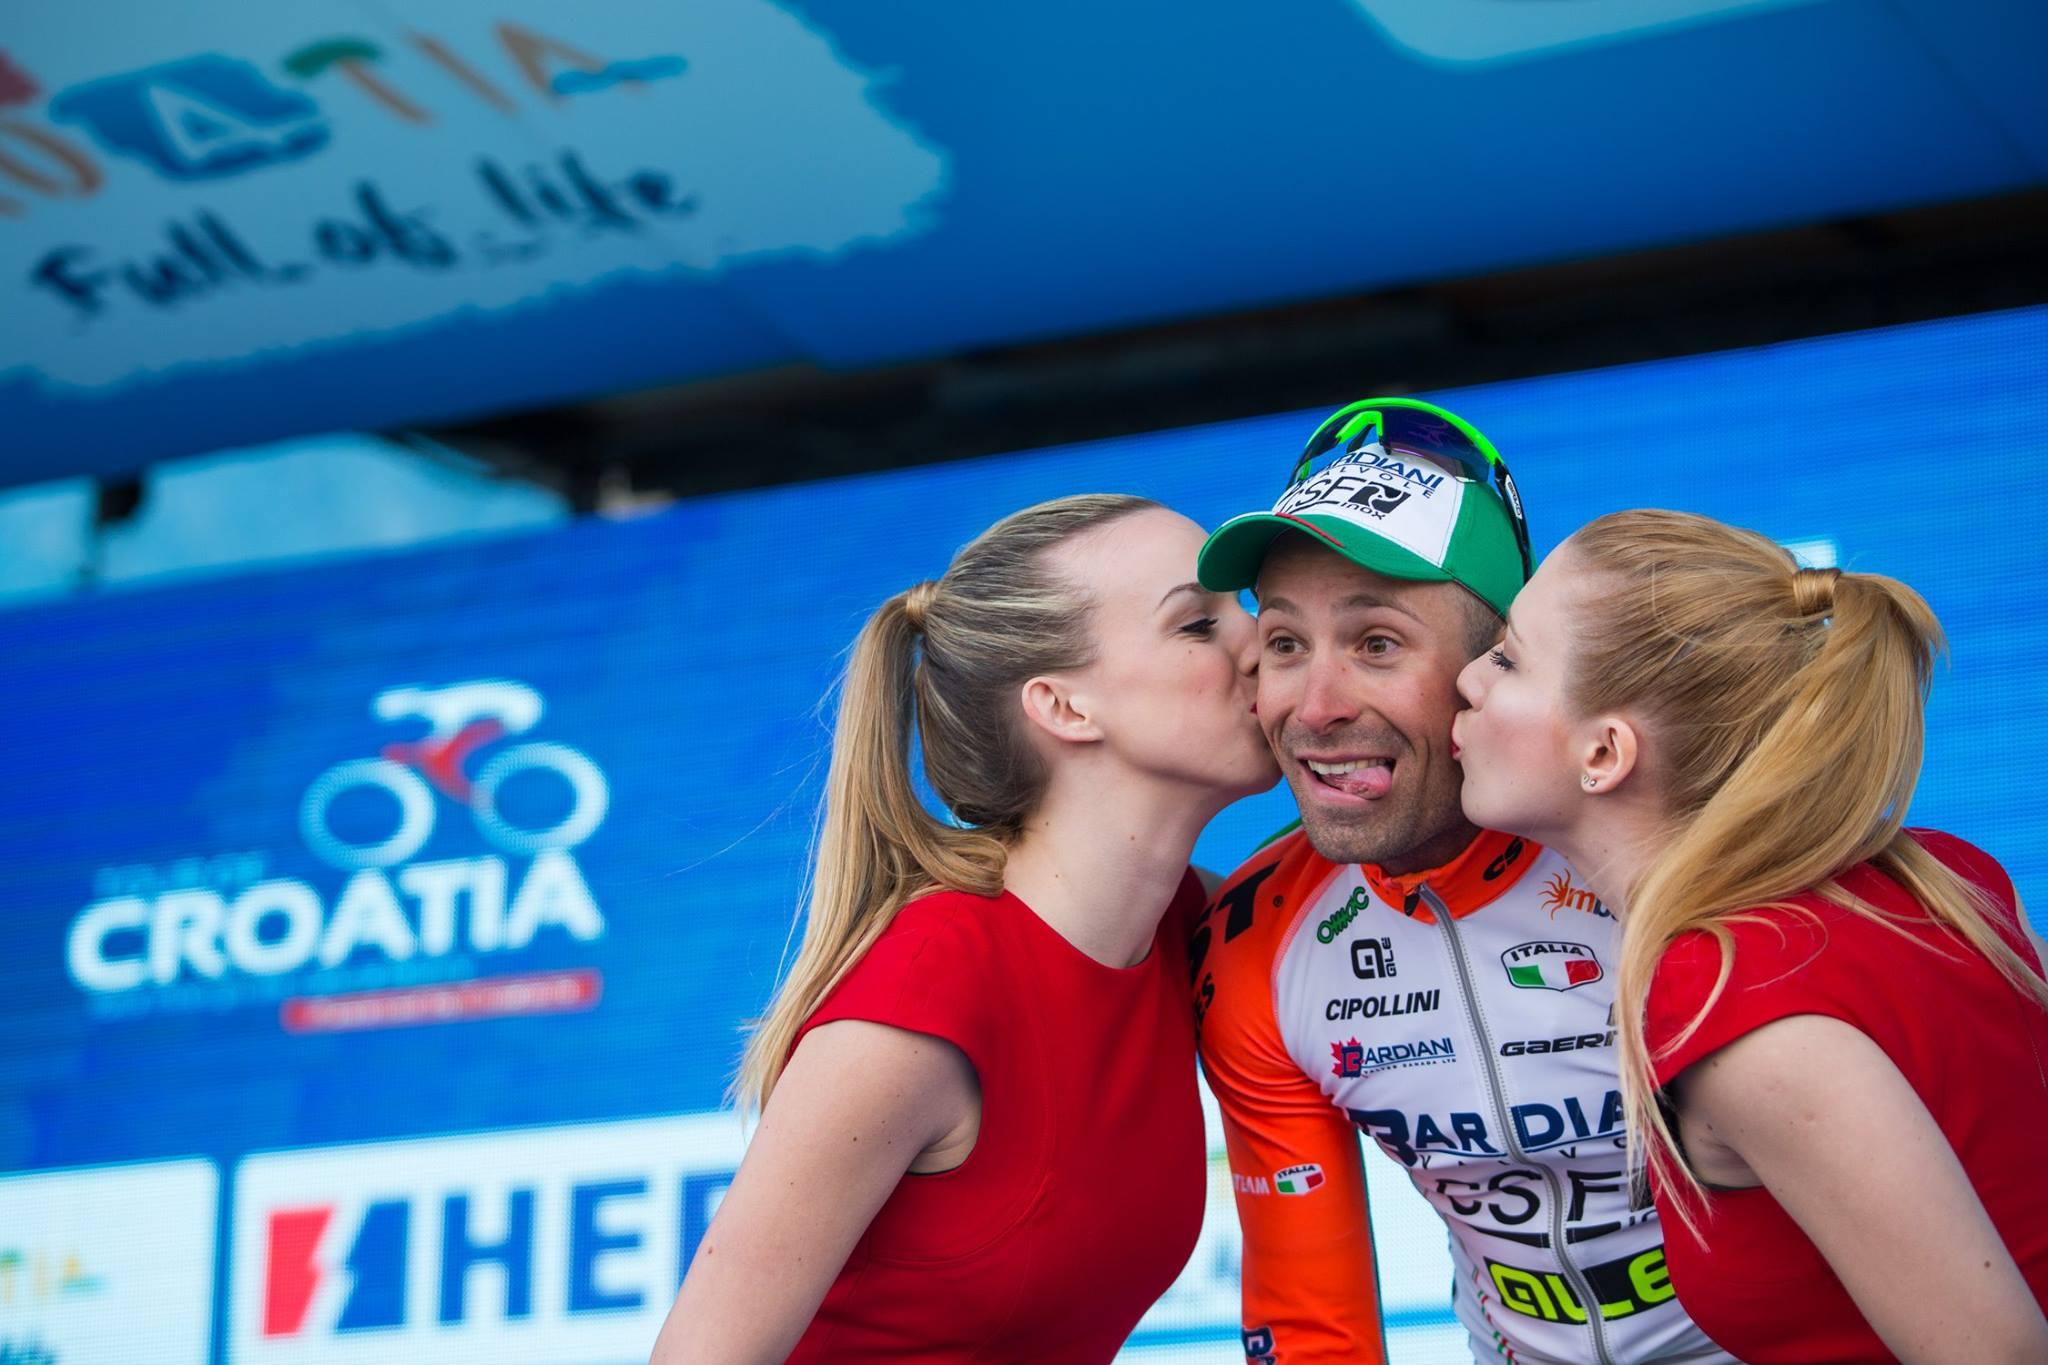 Bis di Nicola Ruffoni al Giro di Croazia